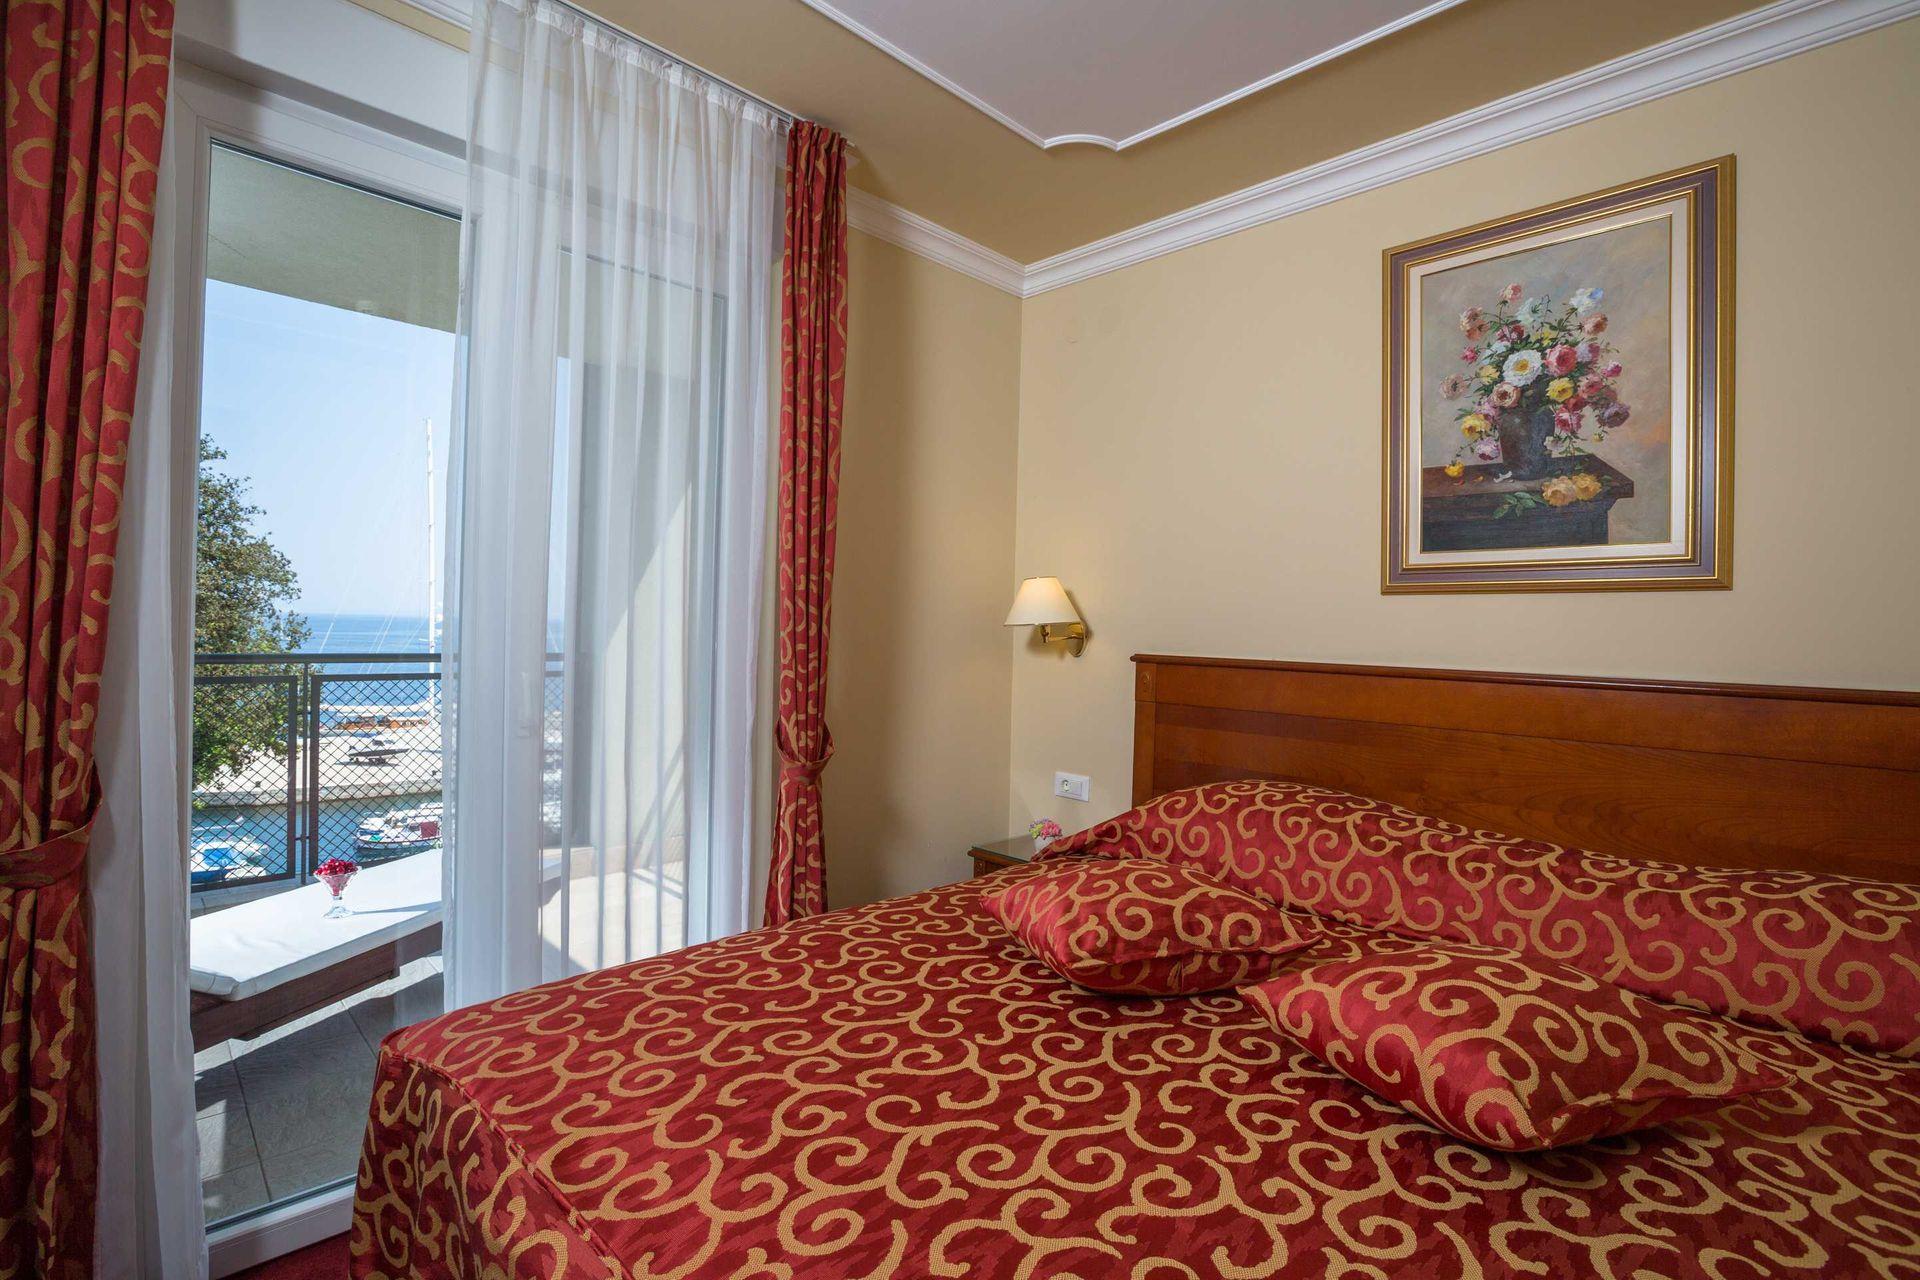 Suite Villa Camellia 85 m² Sea View and Balcony-2